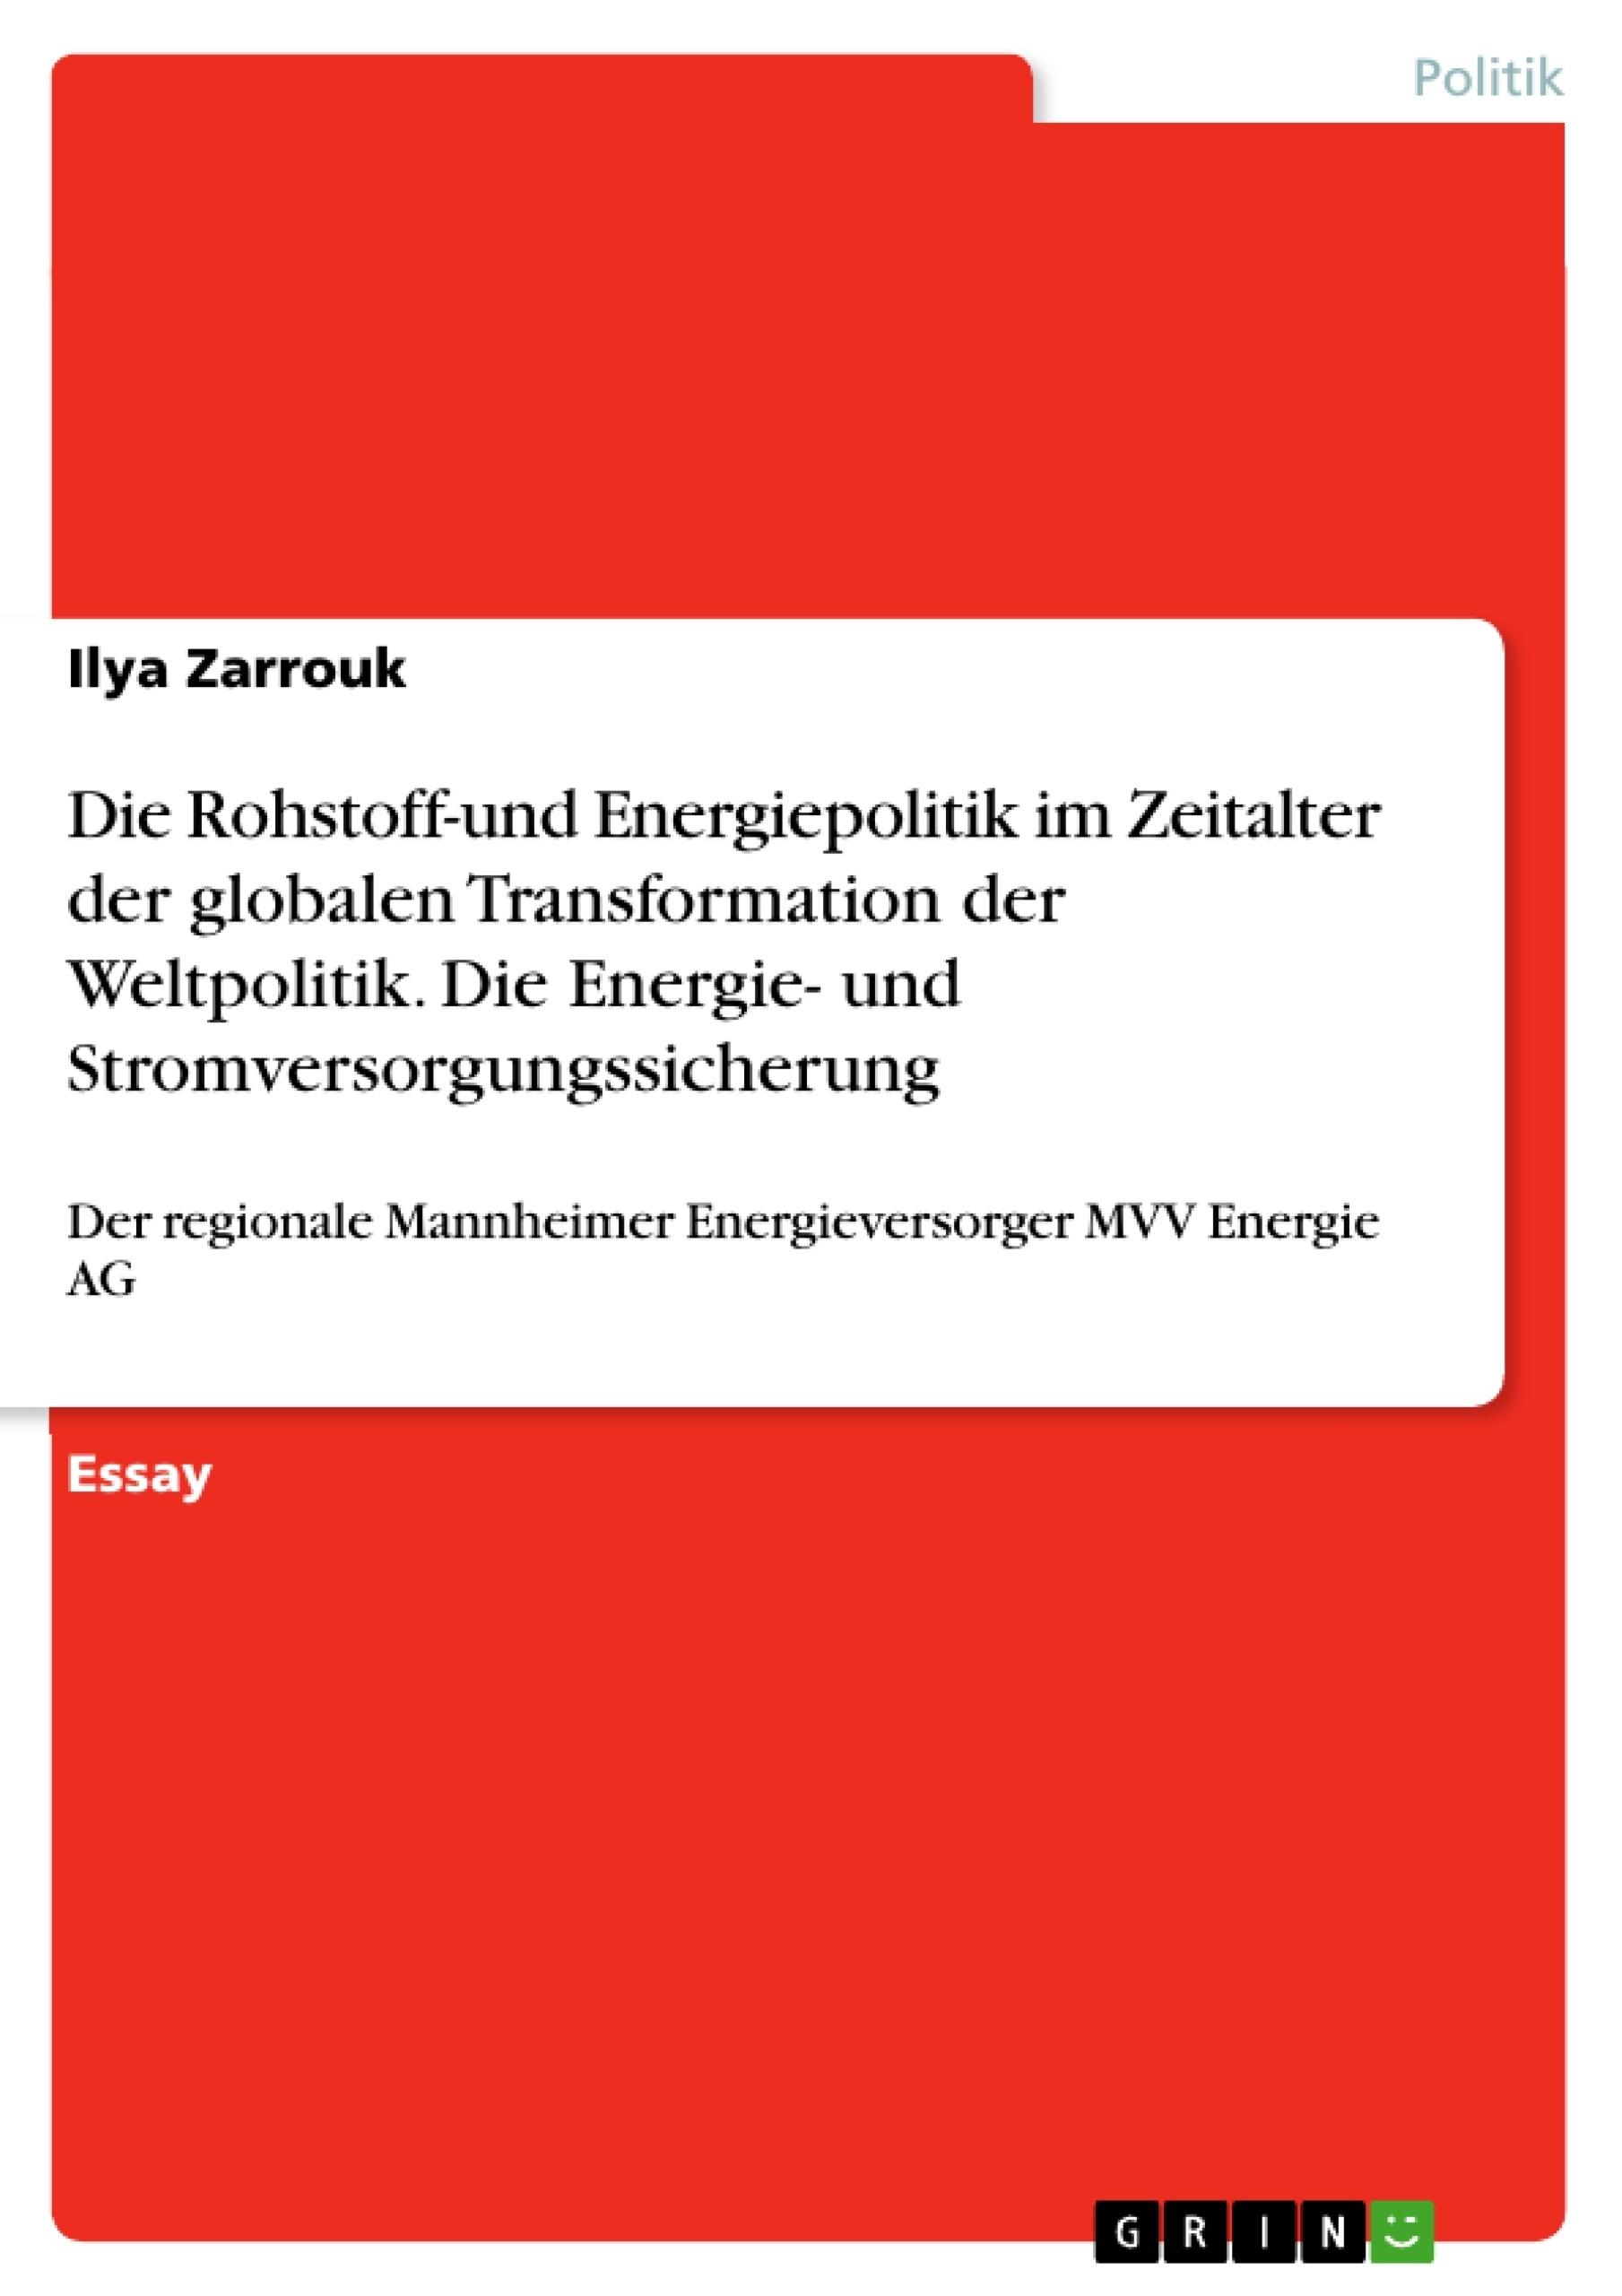 Titel: Die Rohstoff-und Energiepolitik im Zeitalter der globalen Transformation der Weltpolitik. Die Energie- und Stromversorgungssicherung